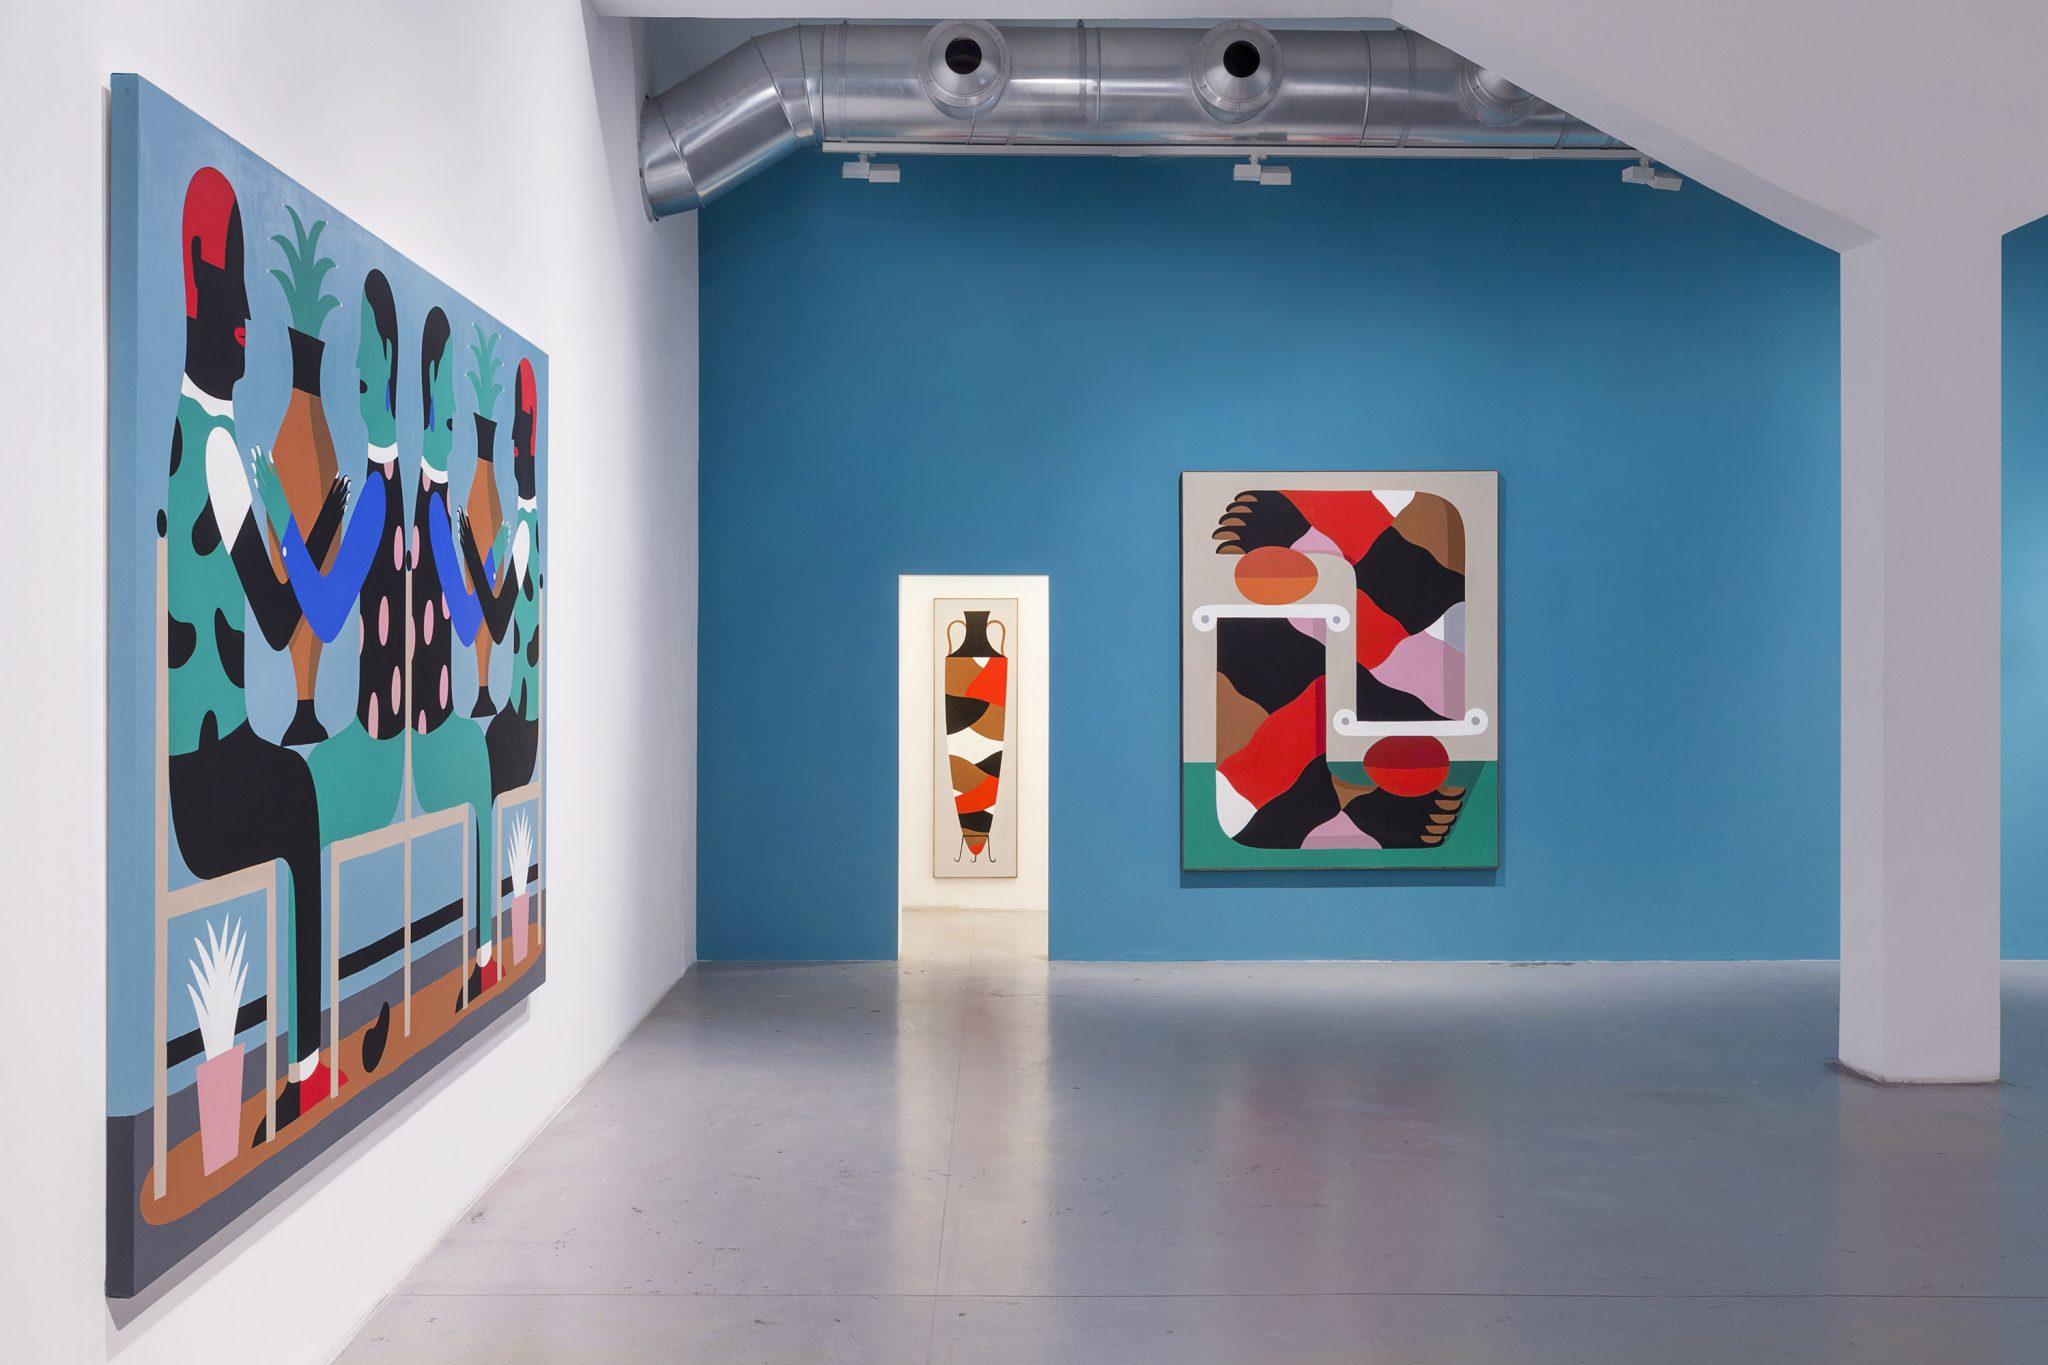 La ricerca sul colore. Le immagini di Agostino Iacurci alla M77 Gallery